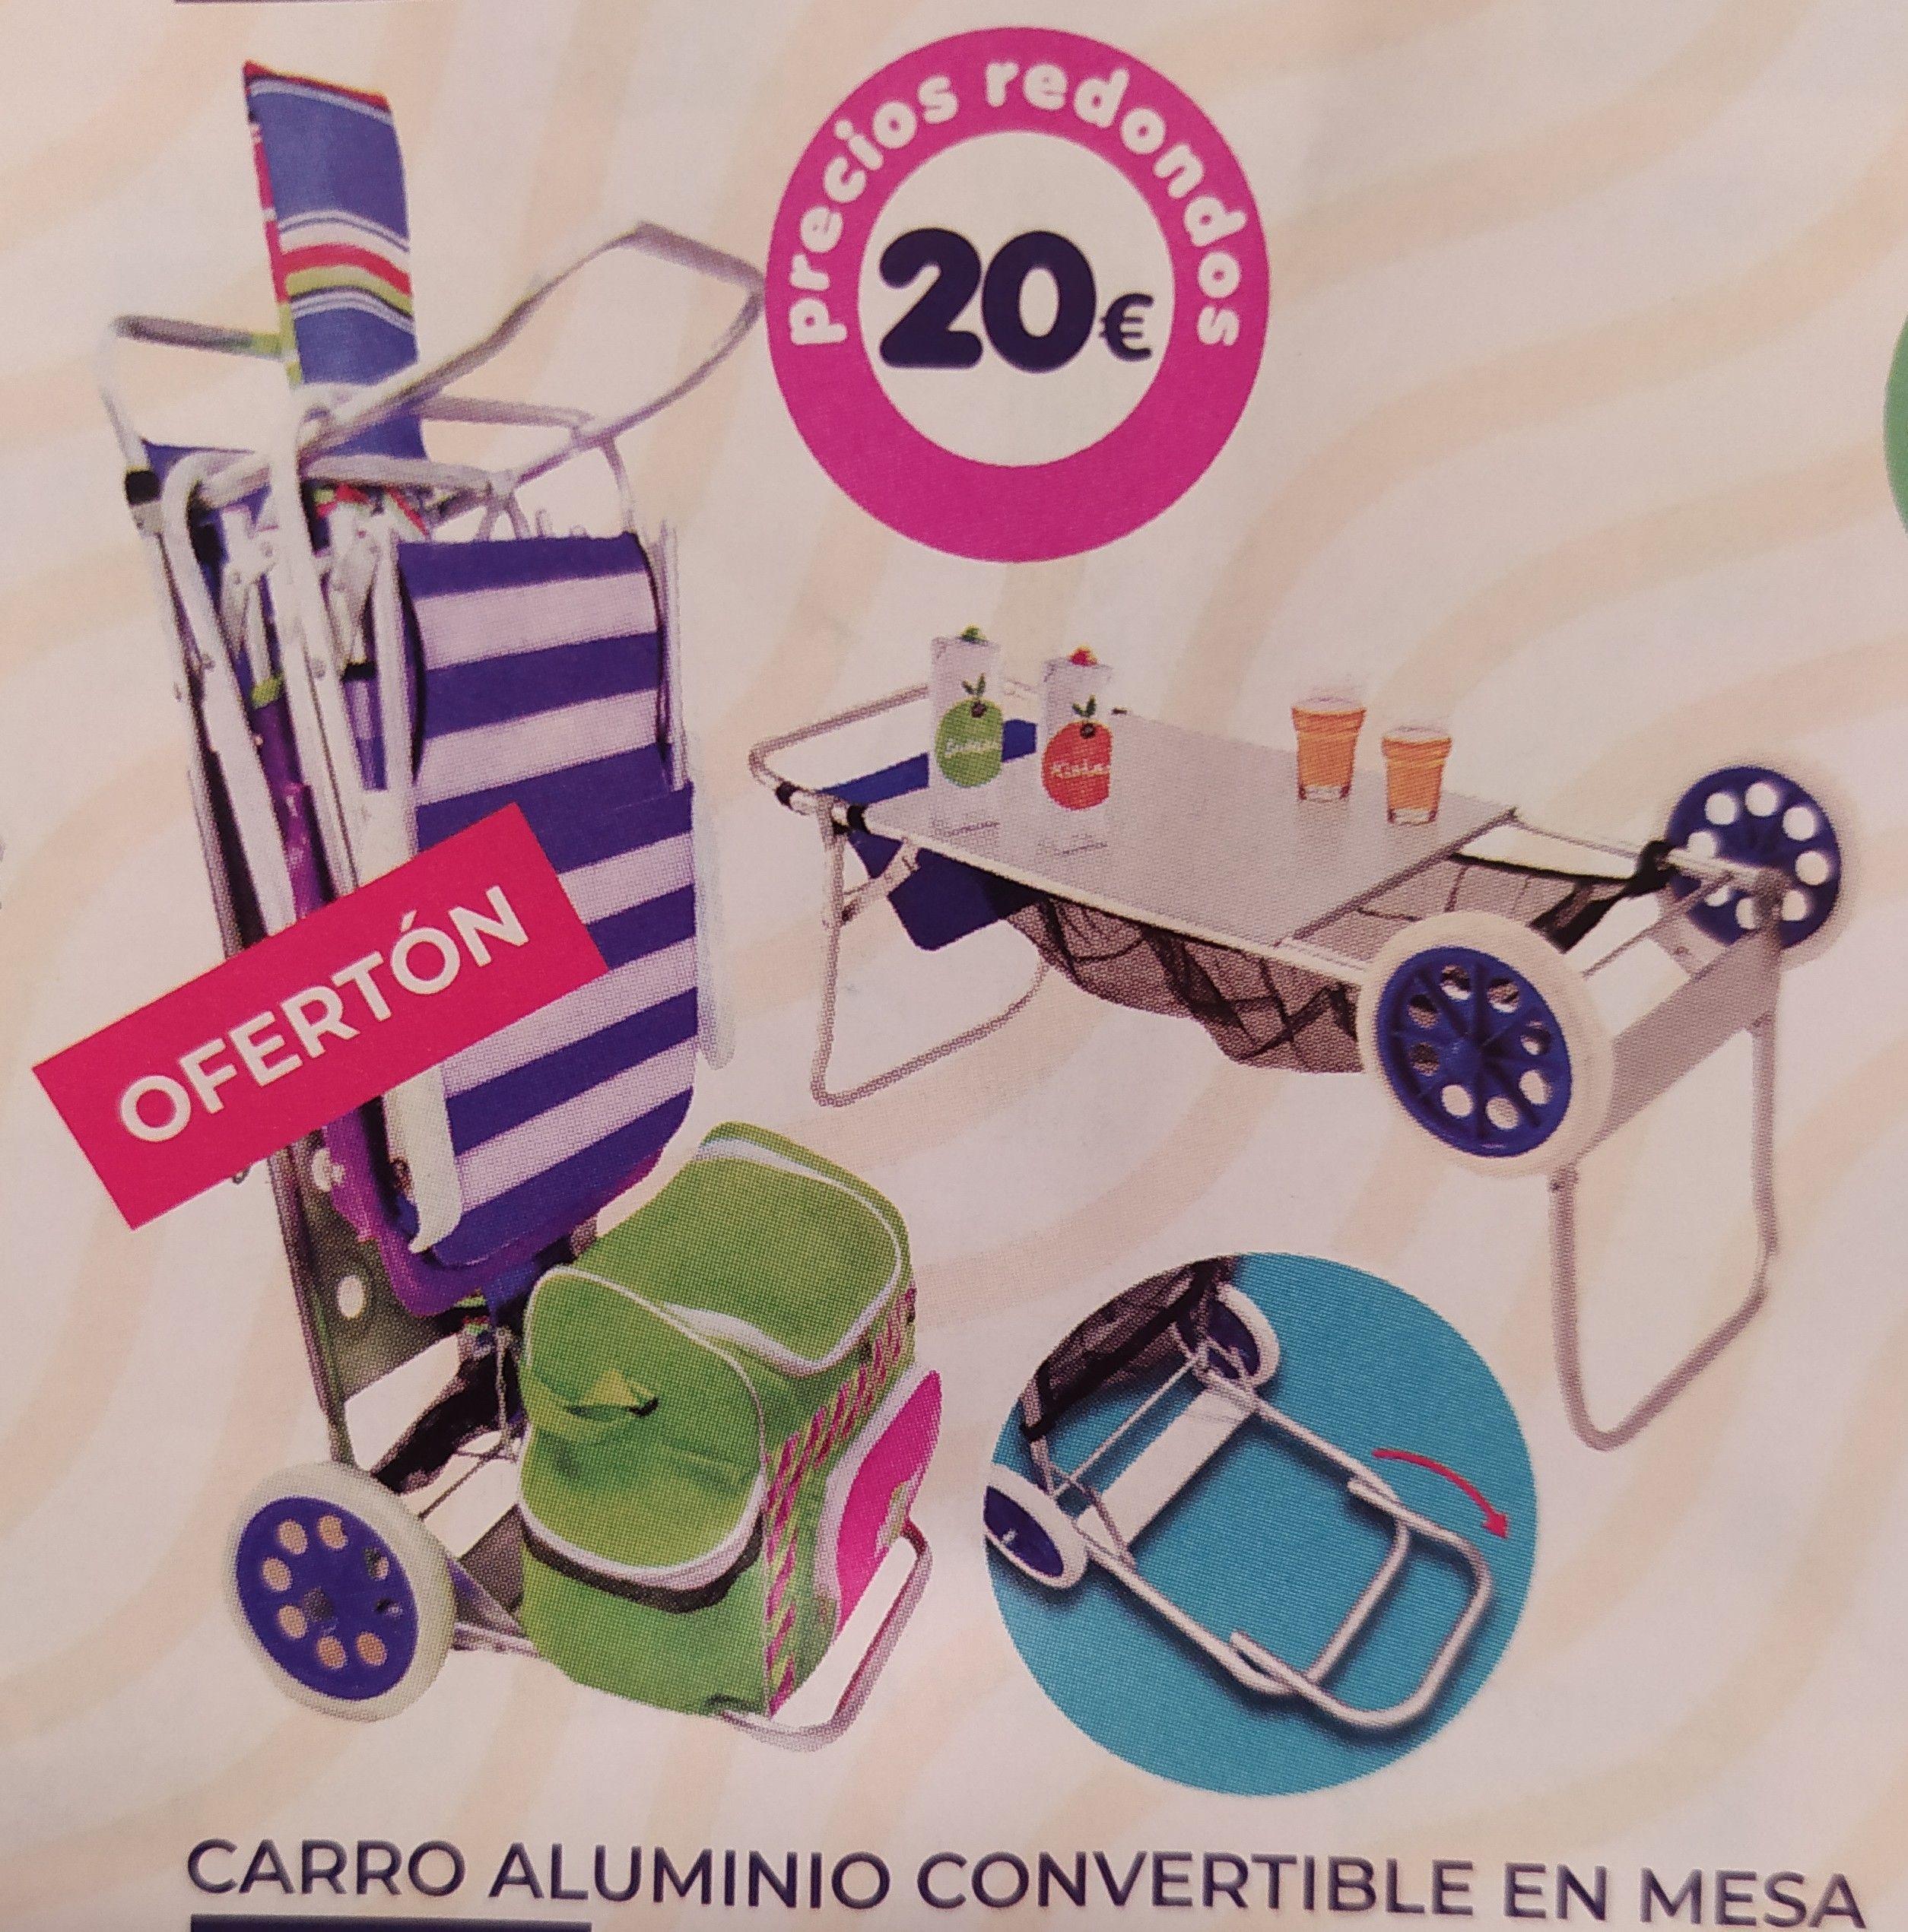 Carro de aluminio convertible en mesa para la playa